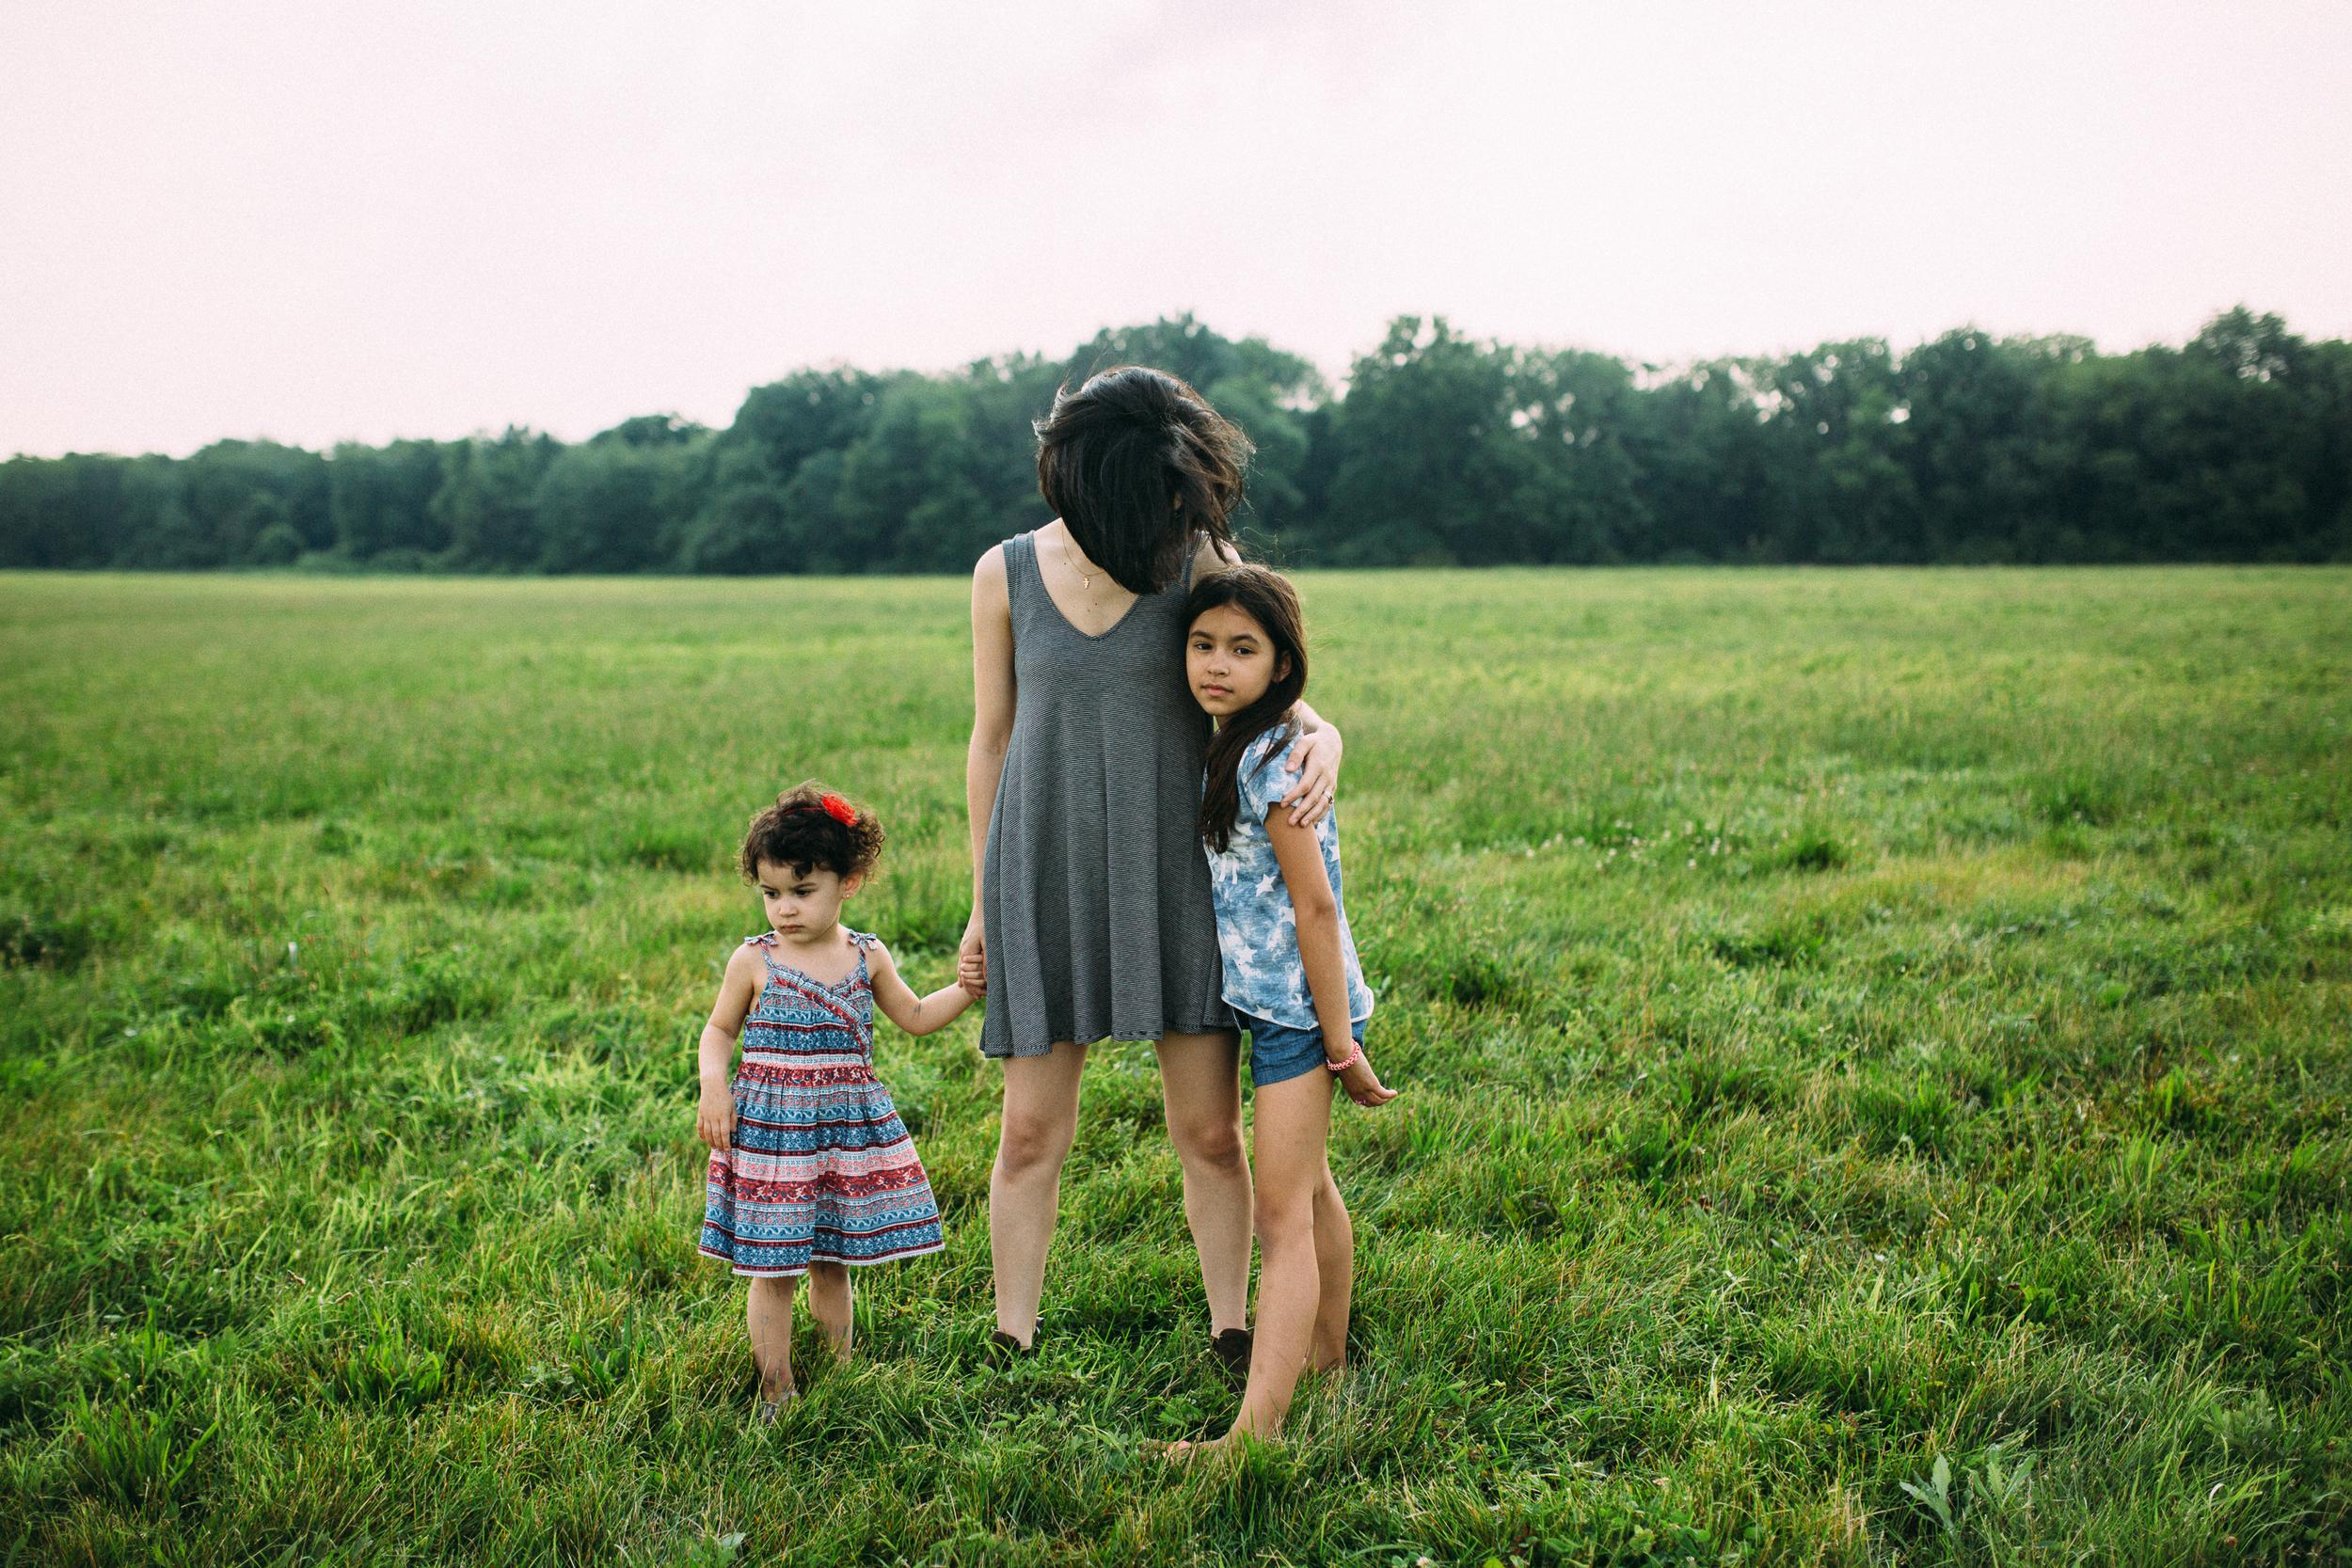 Philadelphia_Family_photographer-9274.JPG